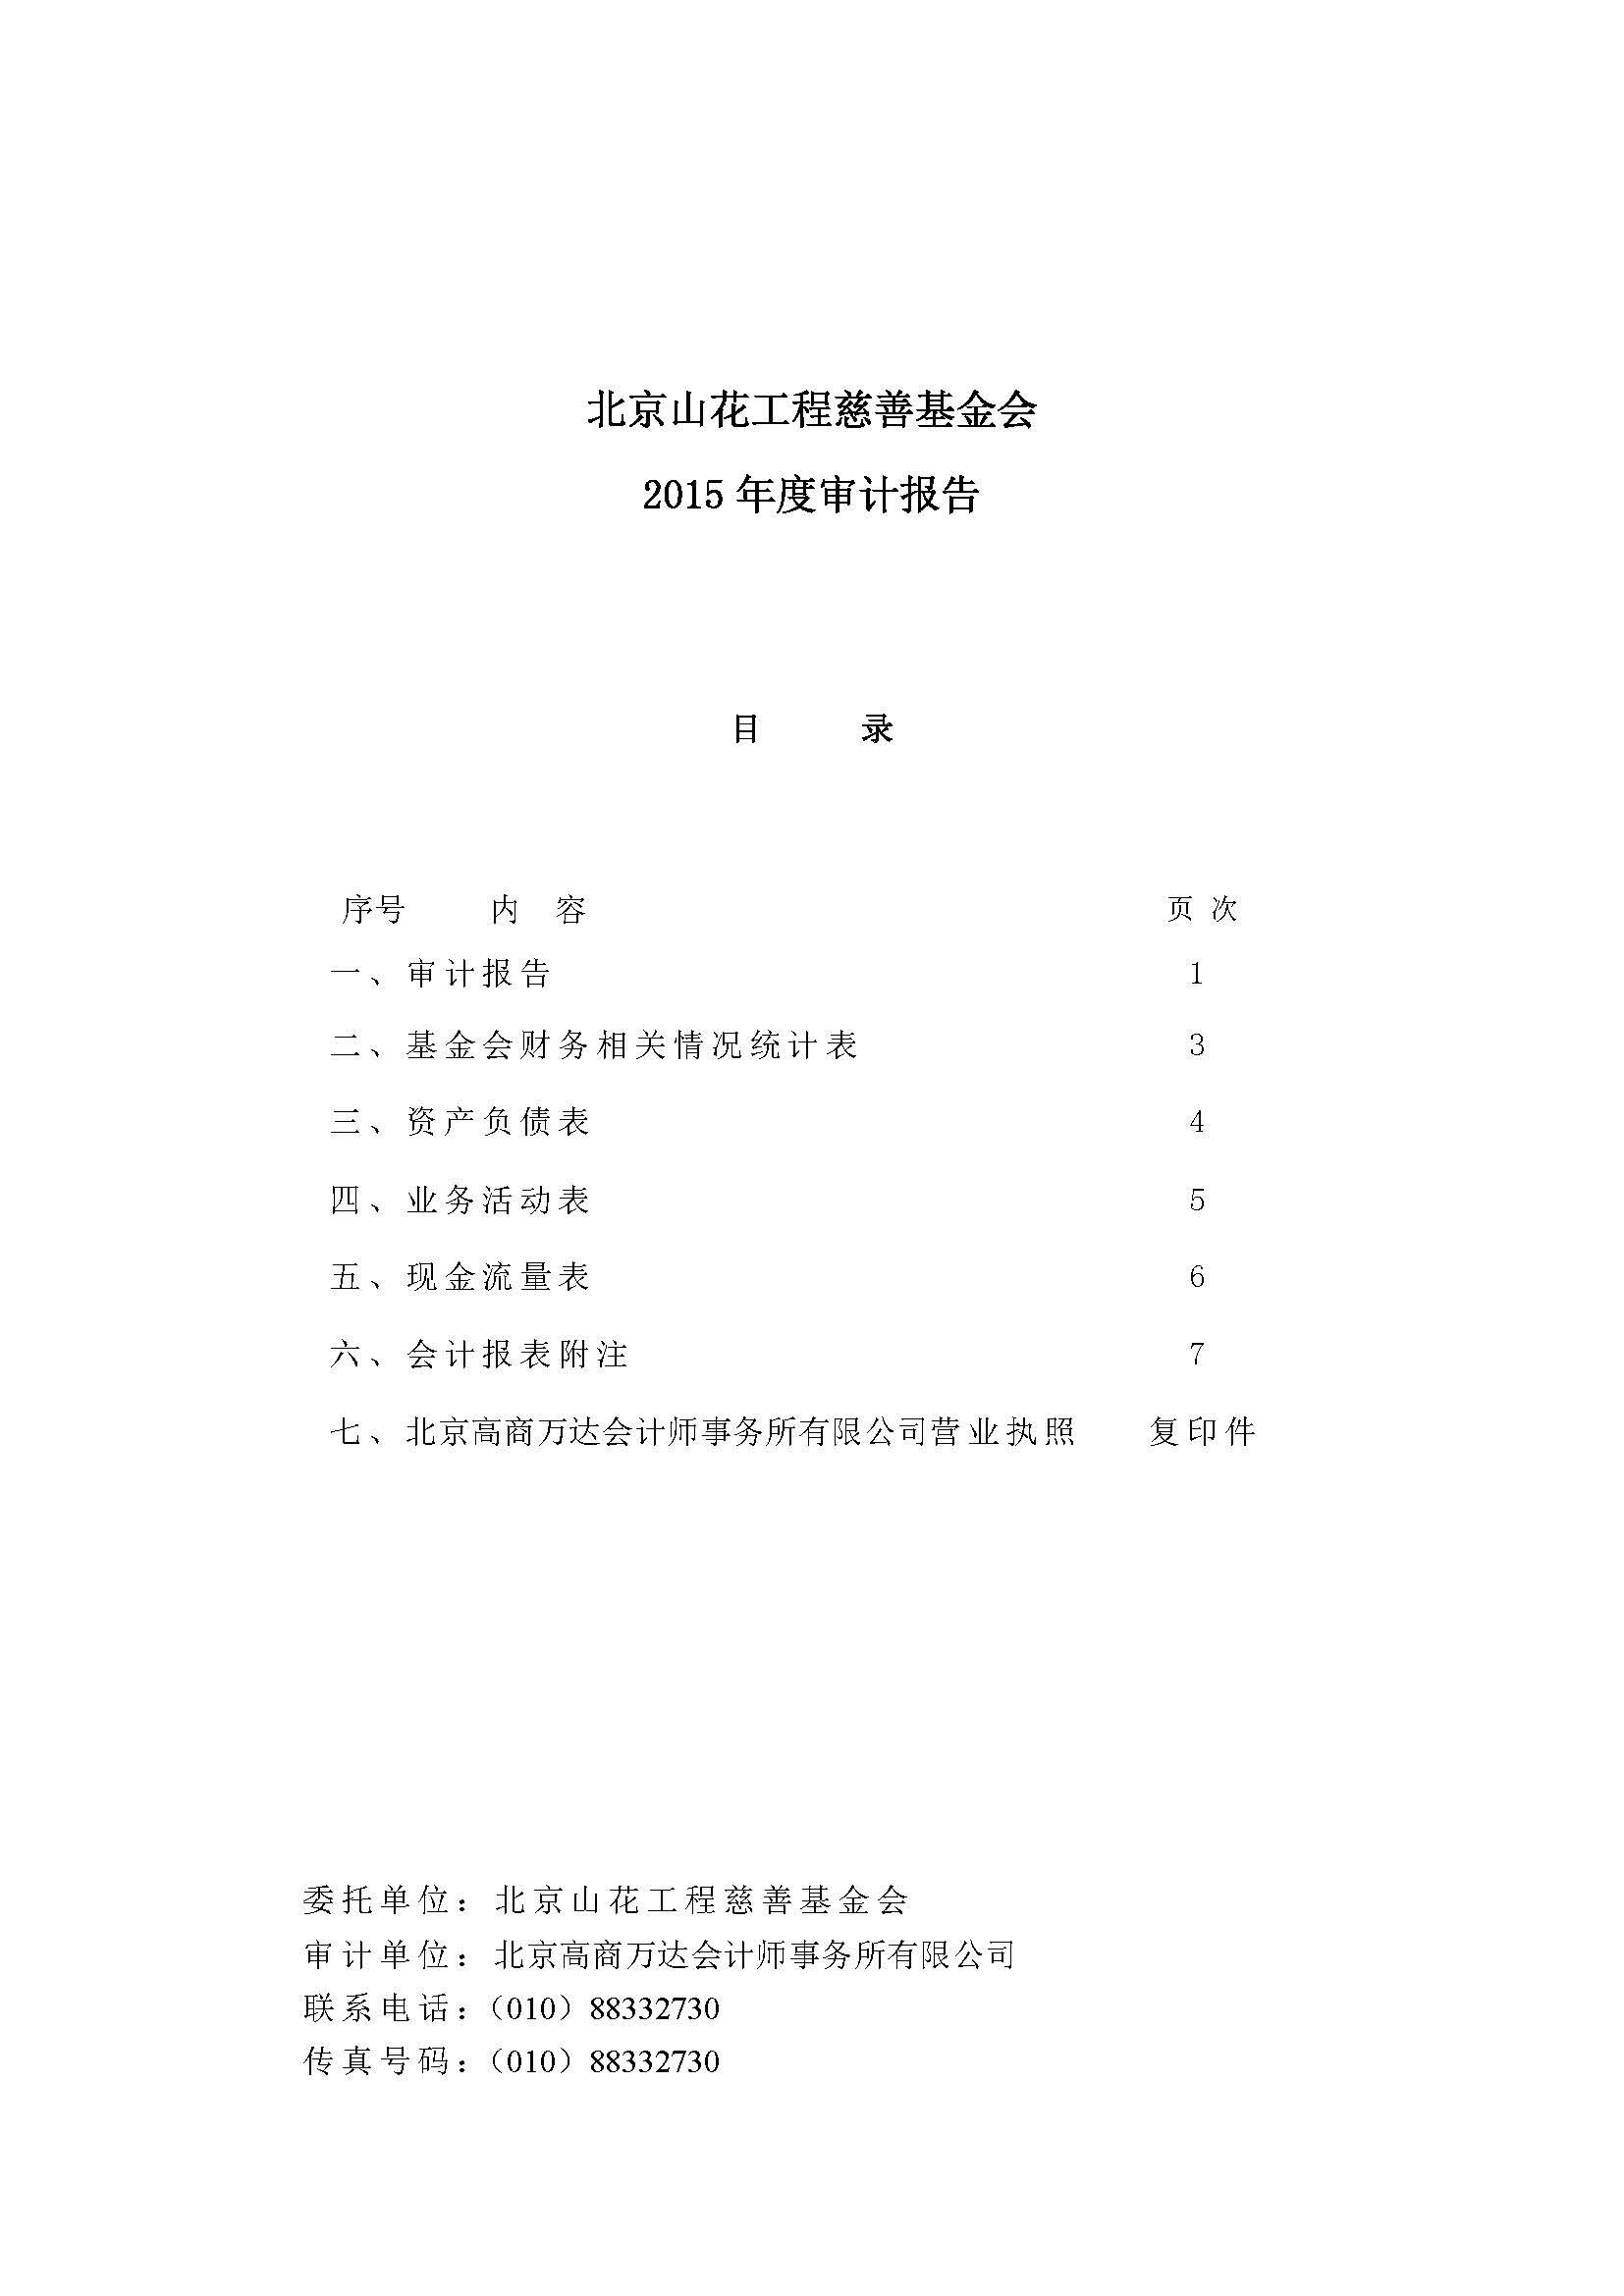 [2016]3016#山花工程基金会审计报告(电子签章)_页面_01